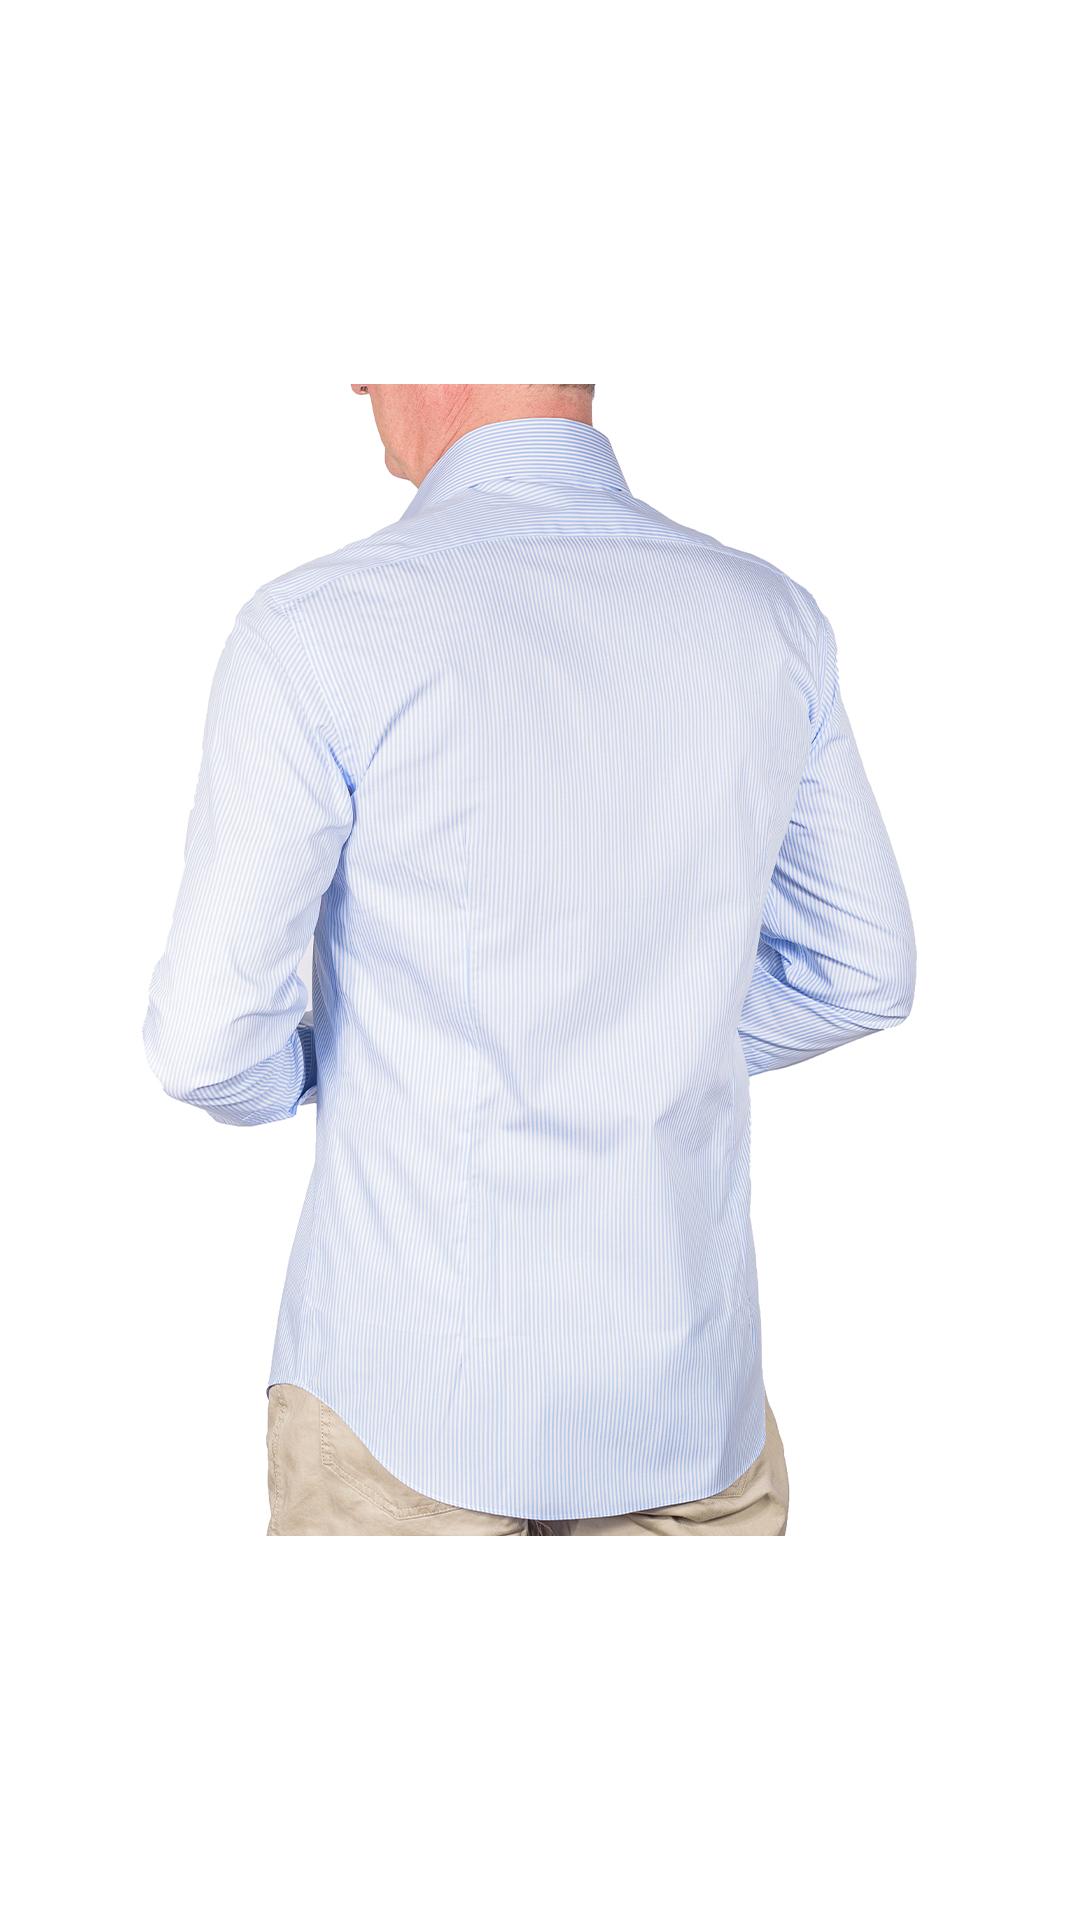 LUXURYJT0099 CAMICIA UOMO DOPPIO RITORTO MANICA LUNGA 2 1stAmerican camicia elegante da uomo in collo classico 100% cotone alta qualità doppio ritorto manica lunga – camicia sartoriale regular fit